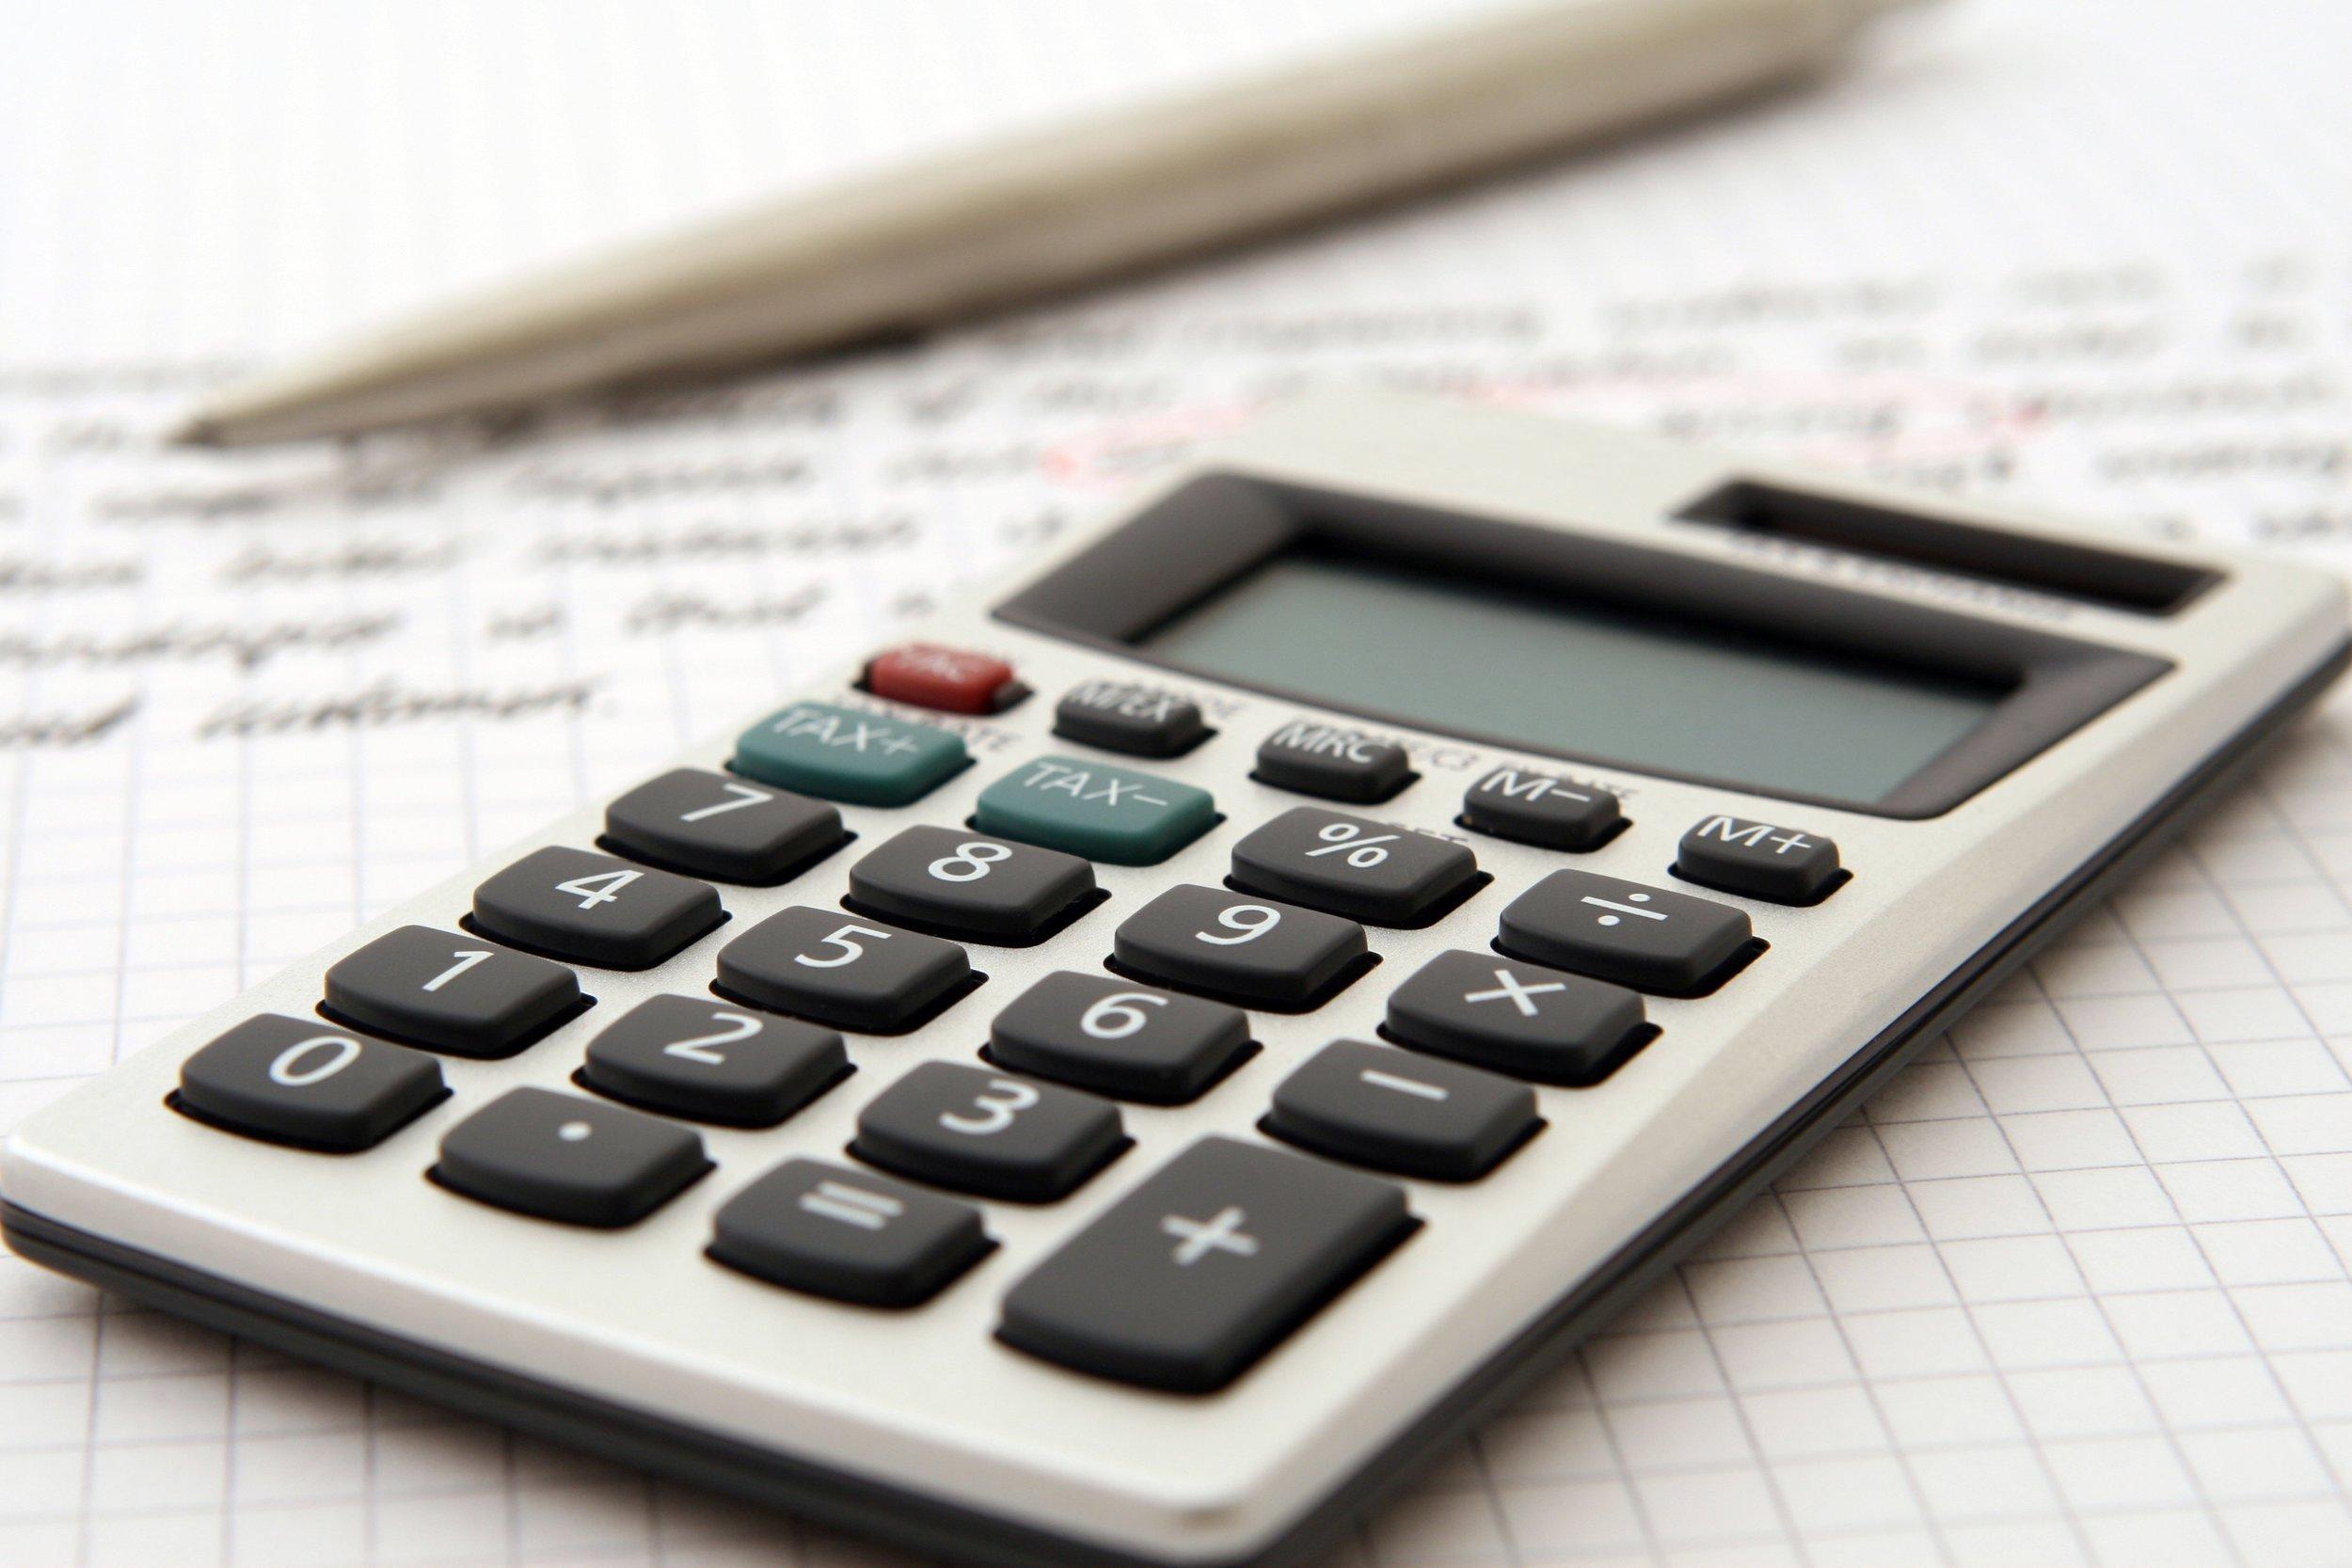 Banking Calculators